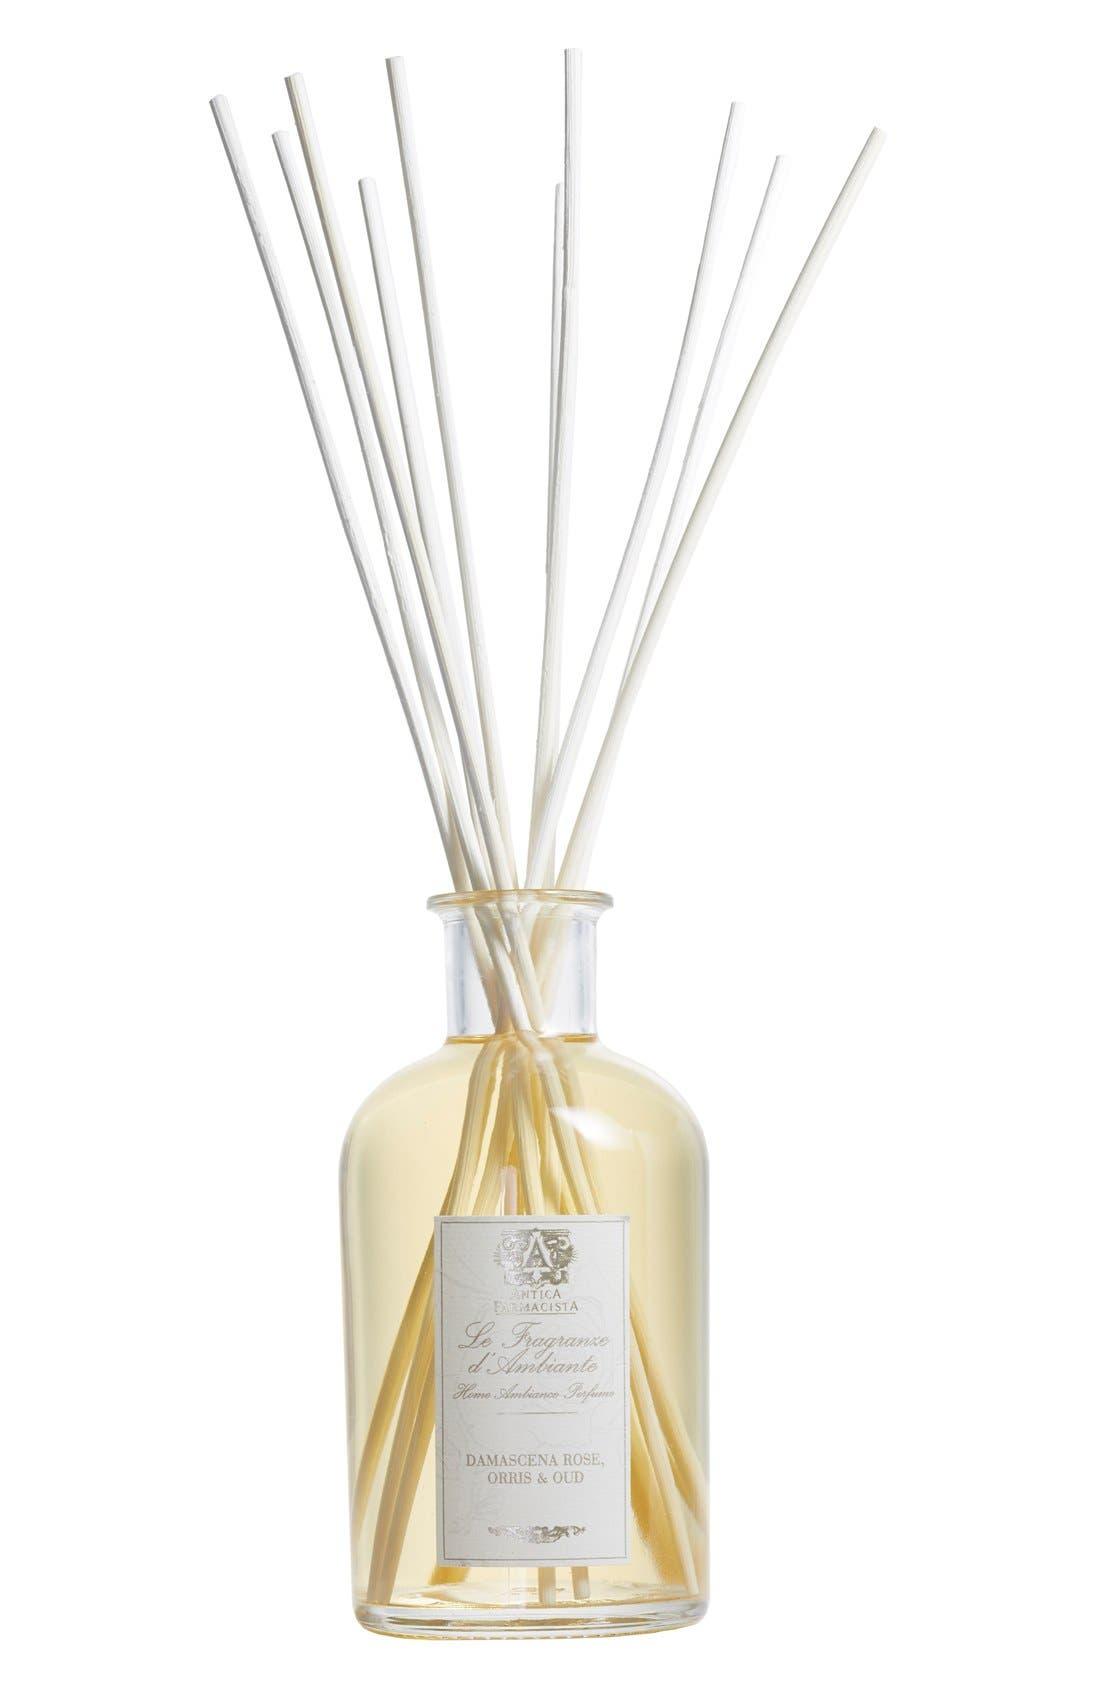 Antica Farmacista Damascena Rose, Orris & Oud Home Ambiance Perfume